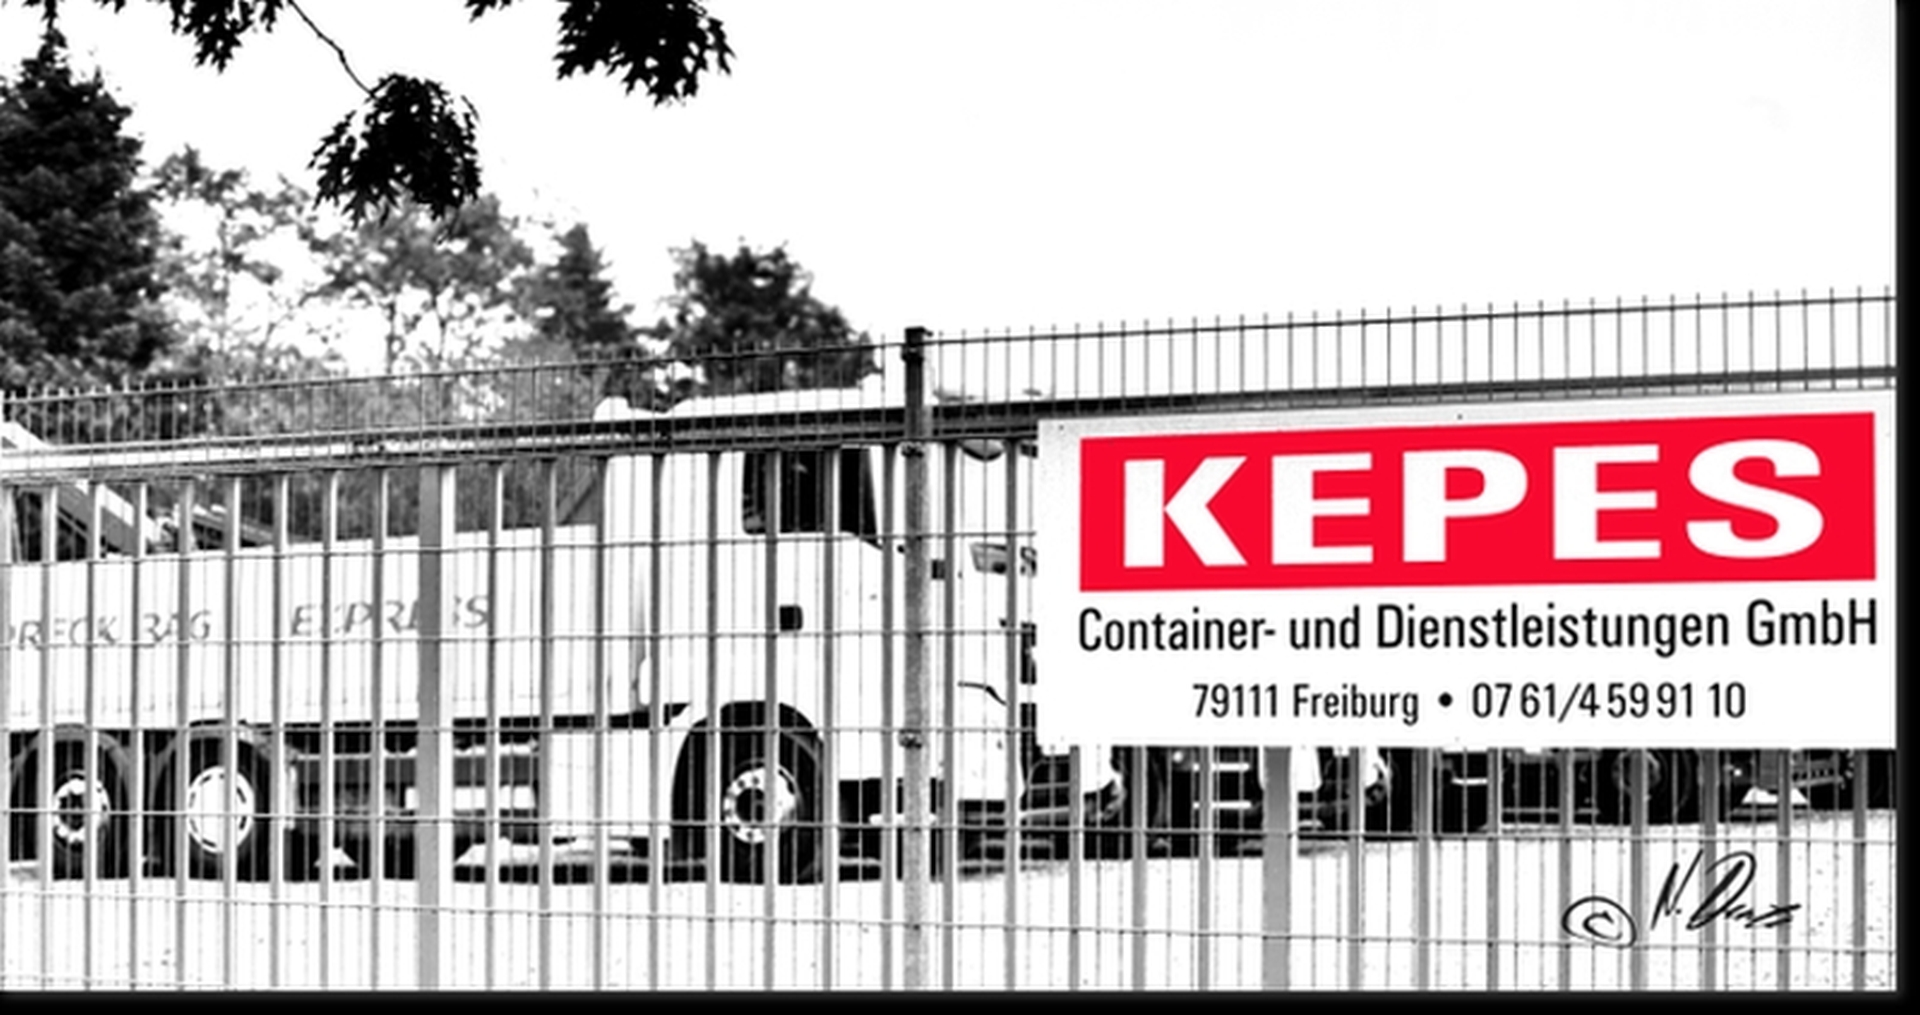 KEPES Container und Dienstleistungen GmbH